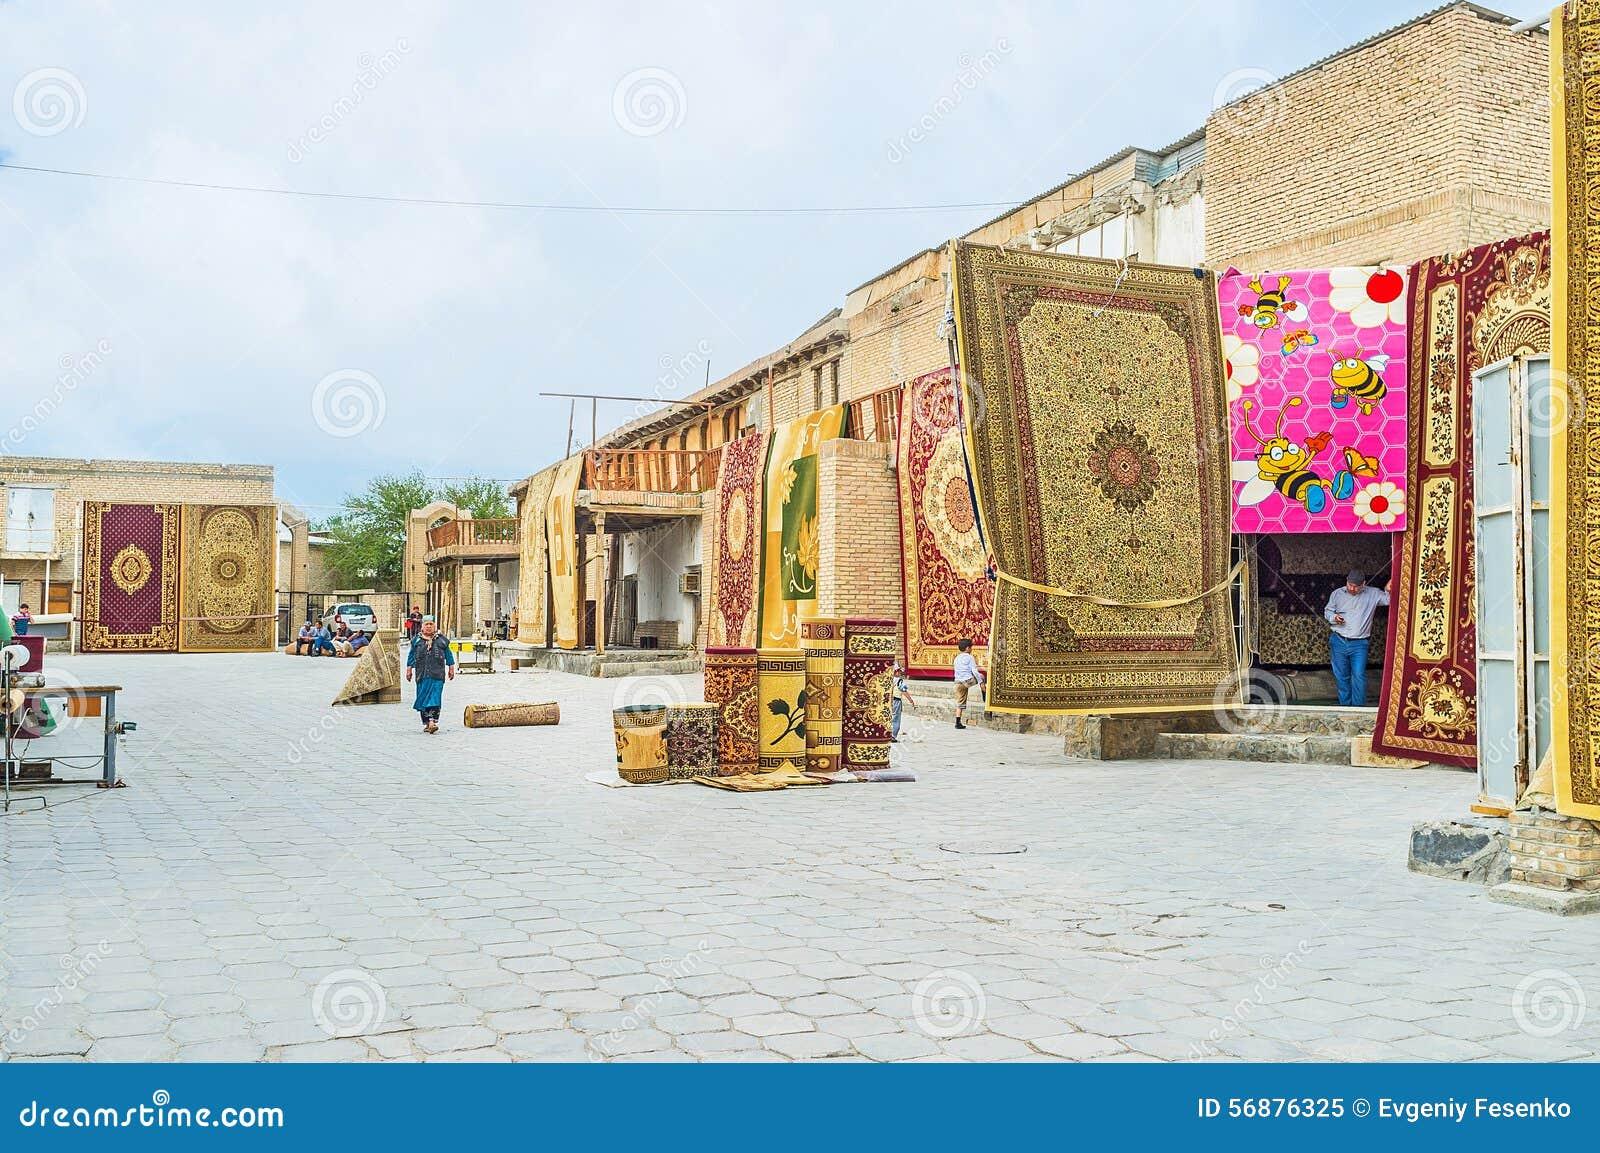 El bazar moderno